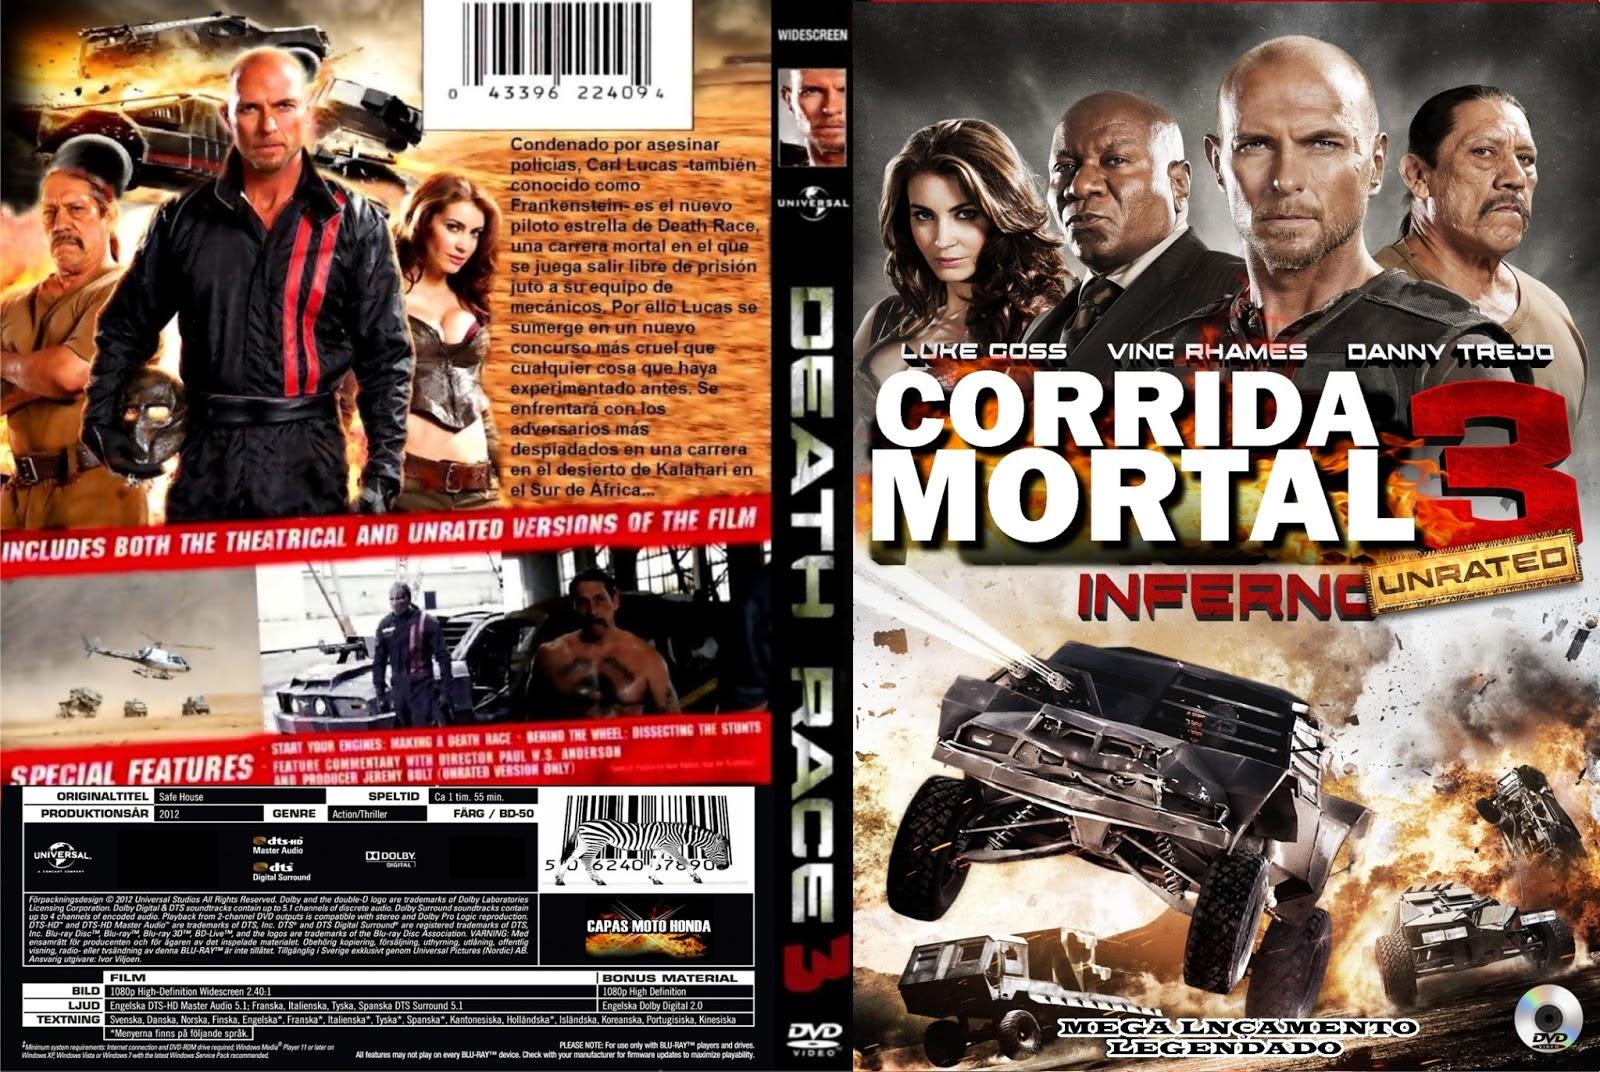 sggVBdg Corrida Mortal 3 Inferno (Death Race 3 Inferno) Torrent   BDRip Dual Áudio (2013)